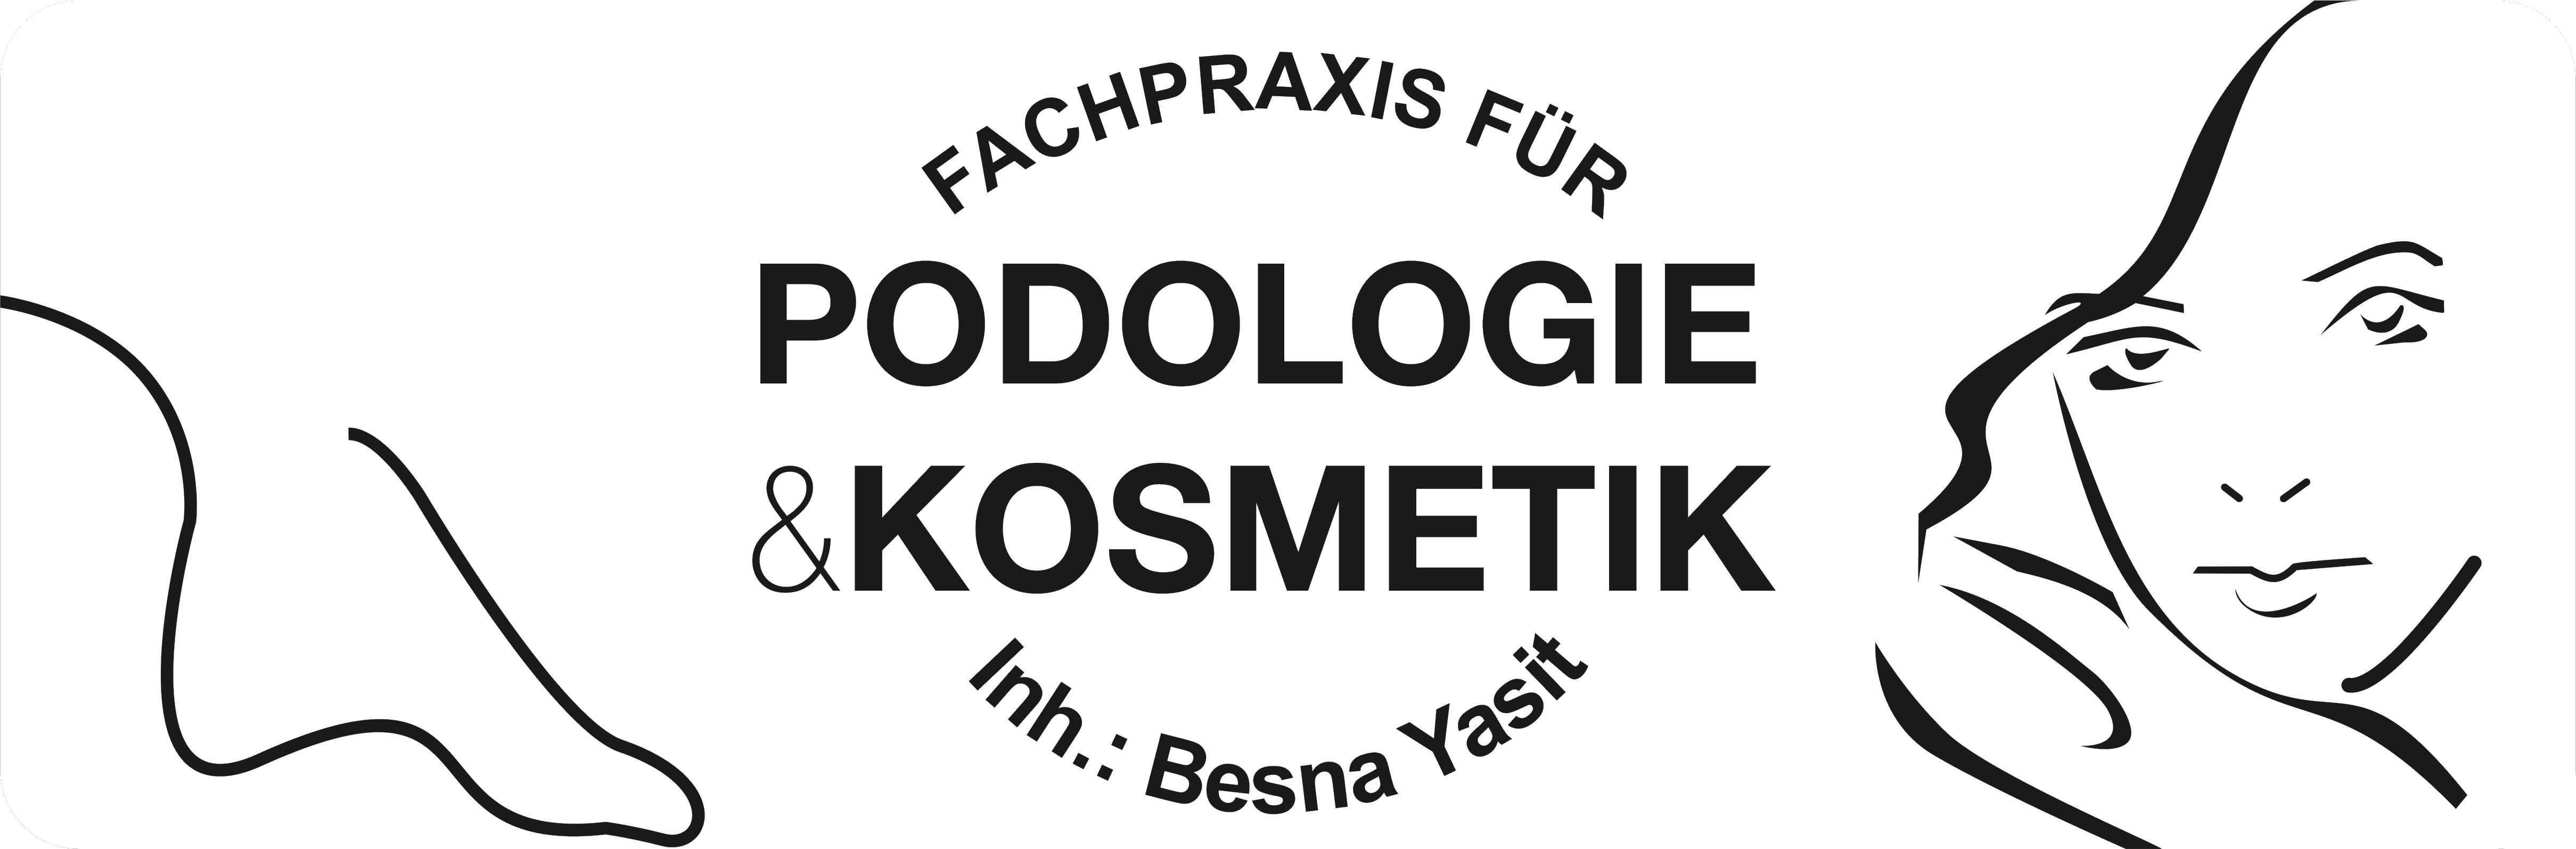 Fachpraxis Podologie und Kosmetik